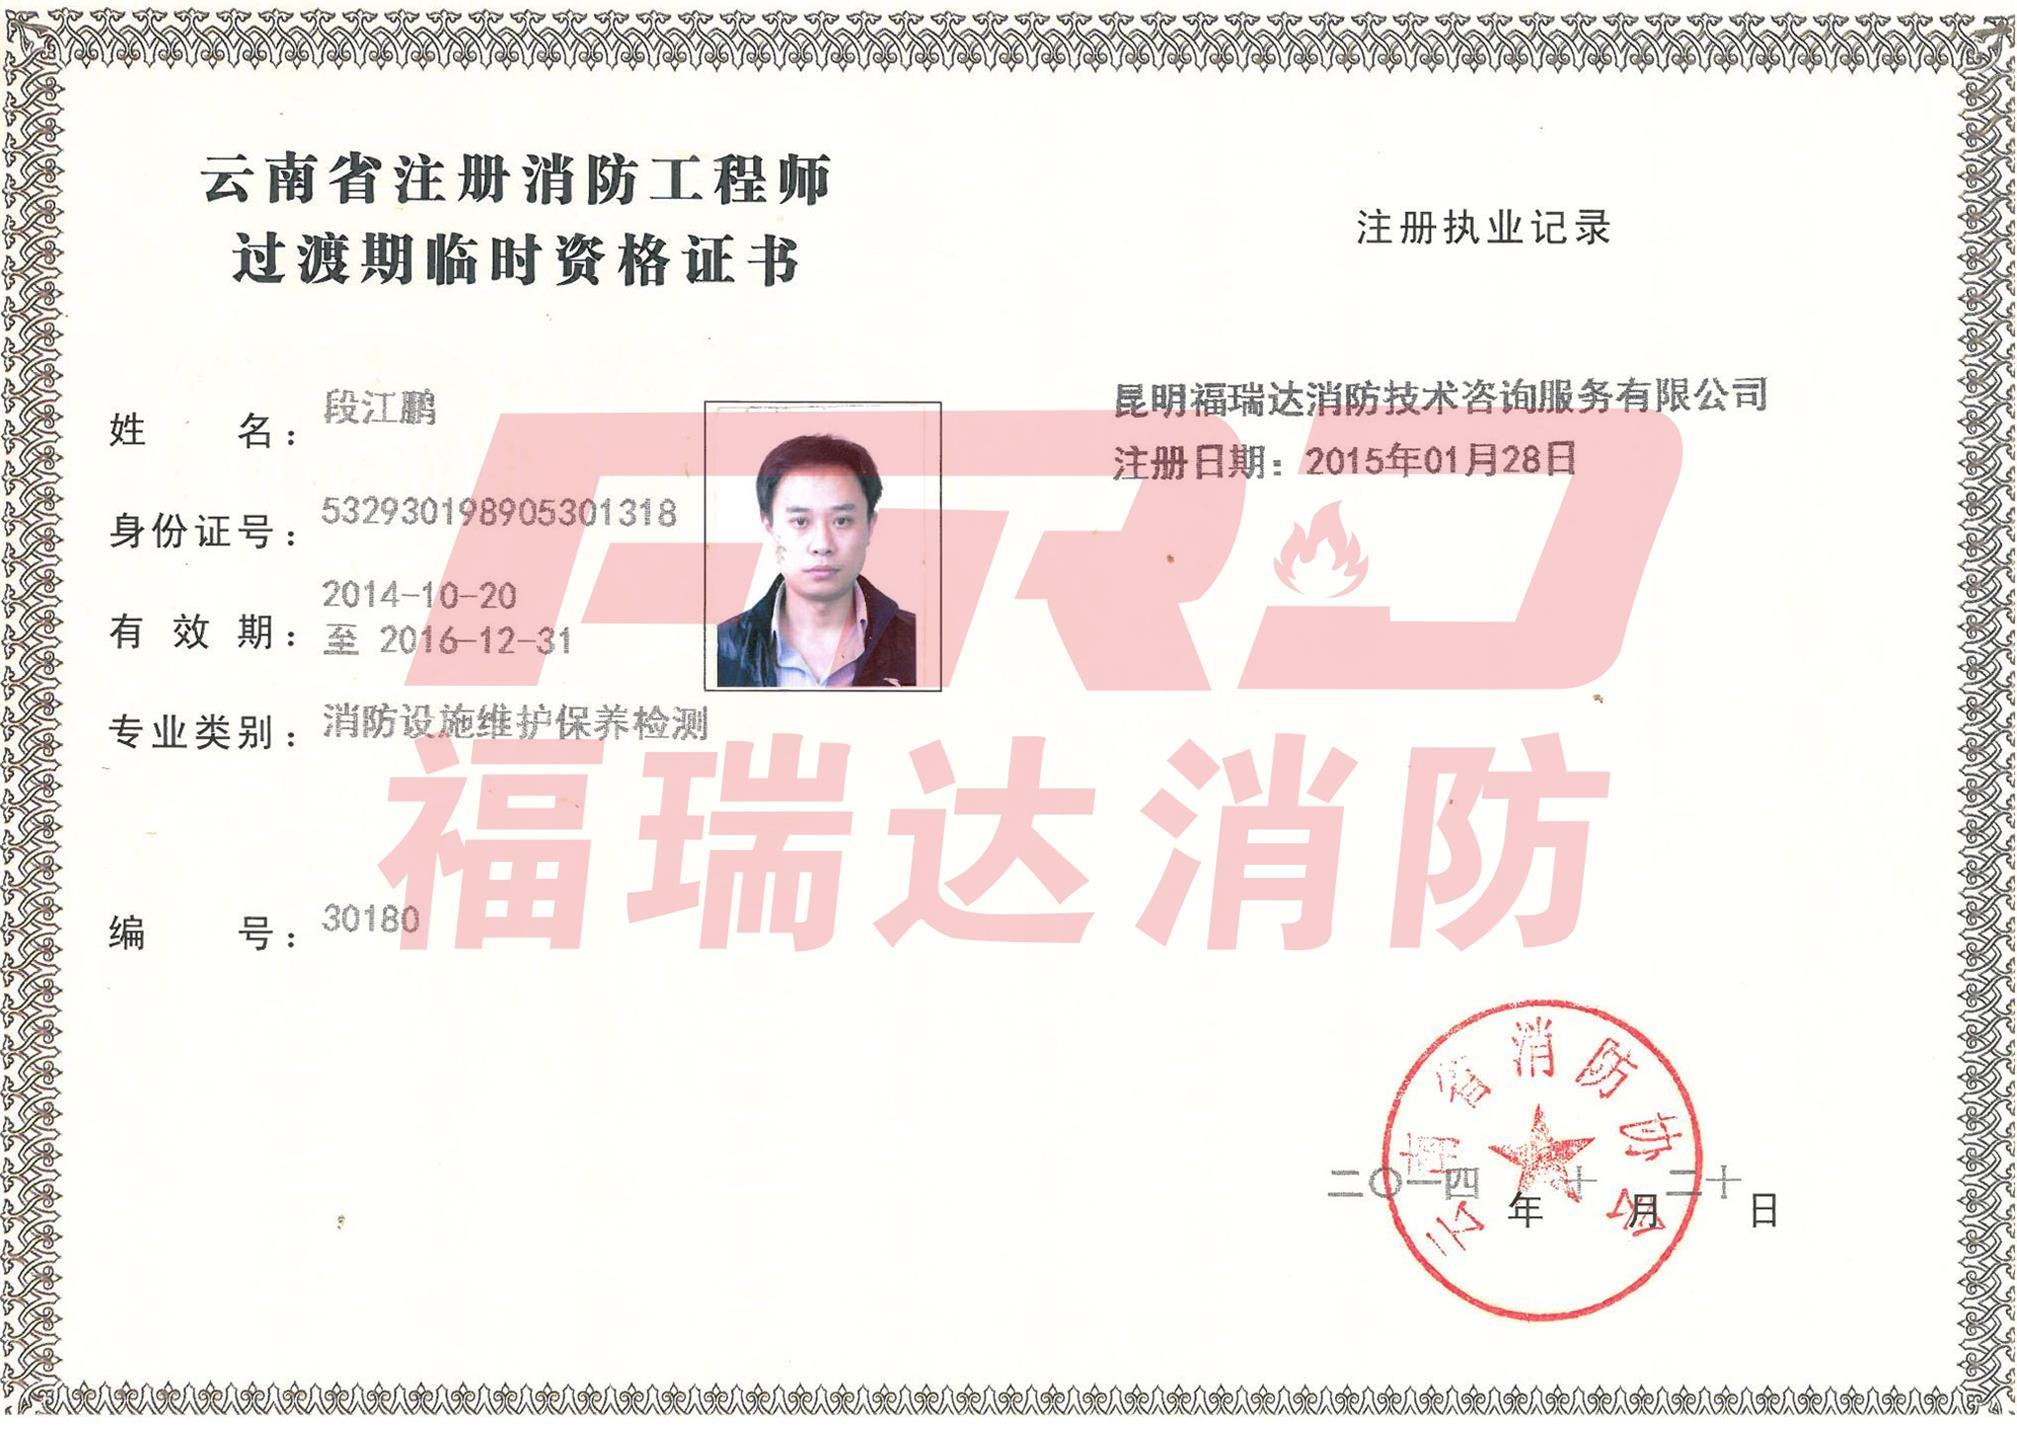 消防设备维修工程师段江鹏